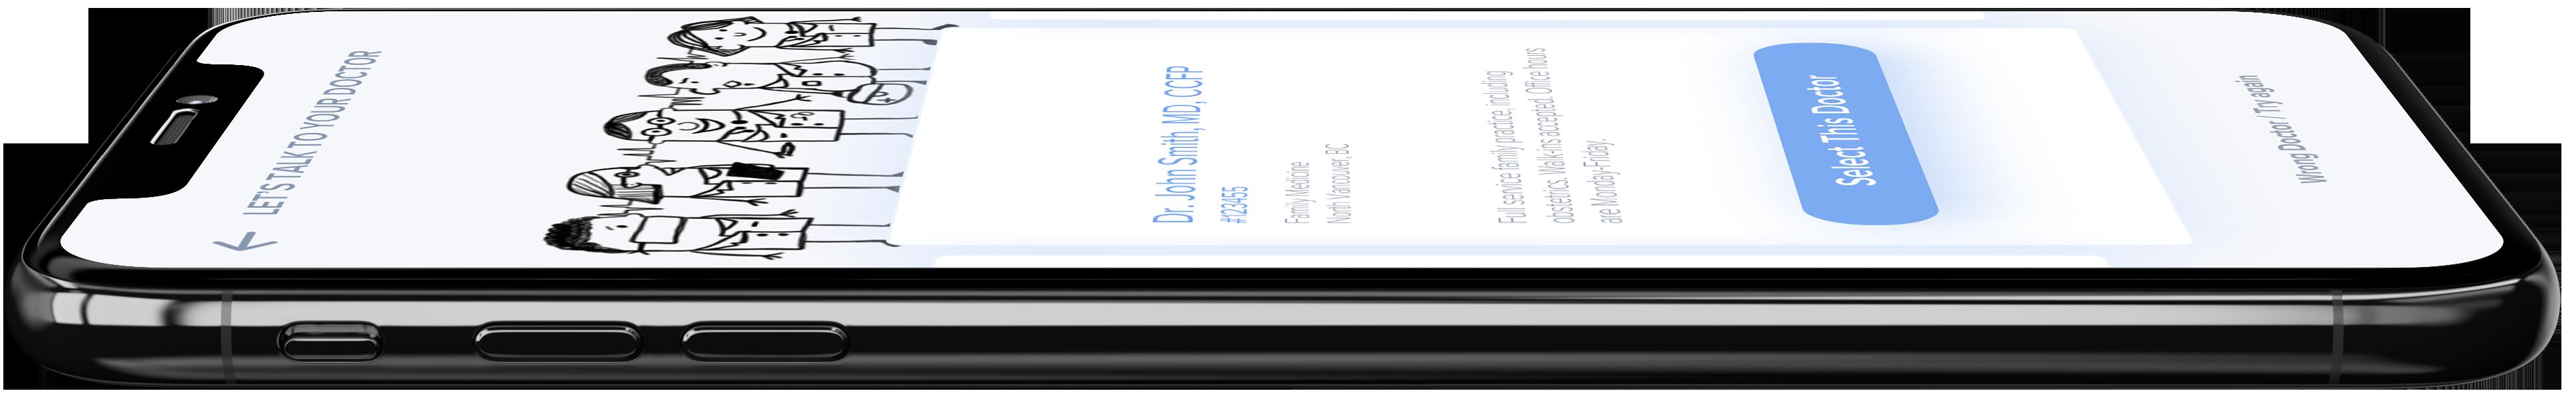 MedVoice iOS App